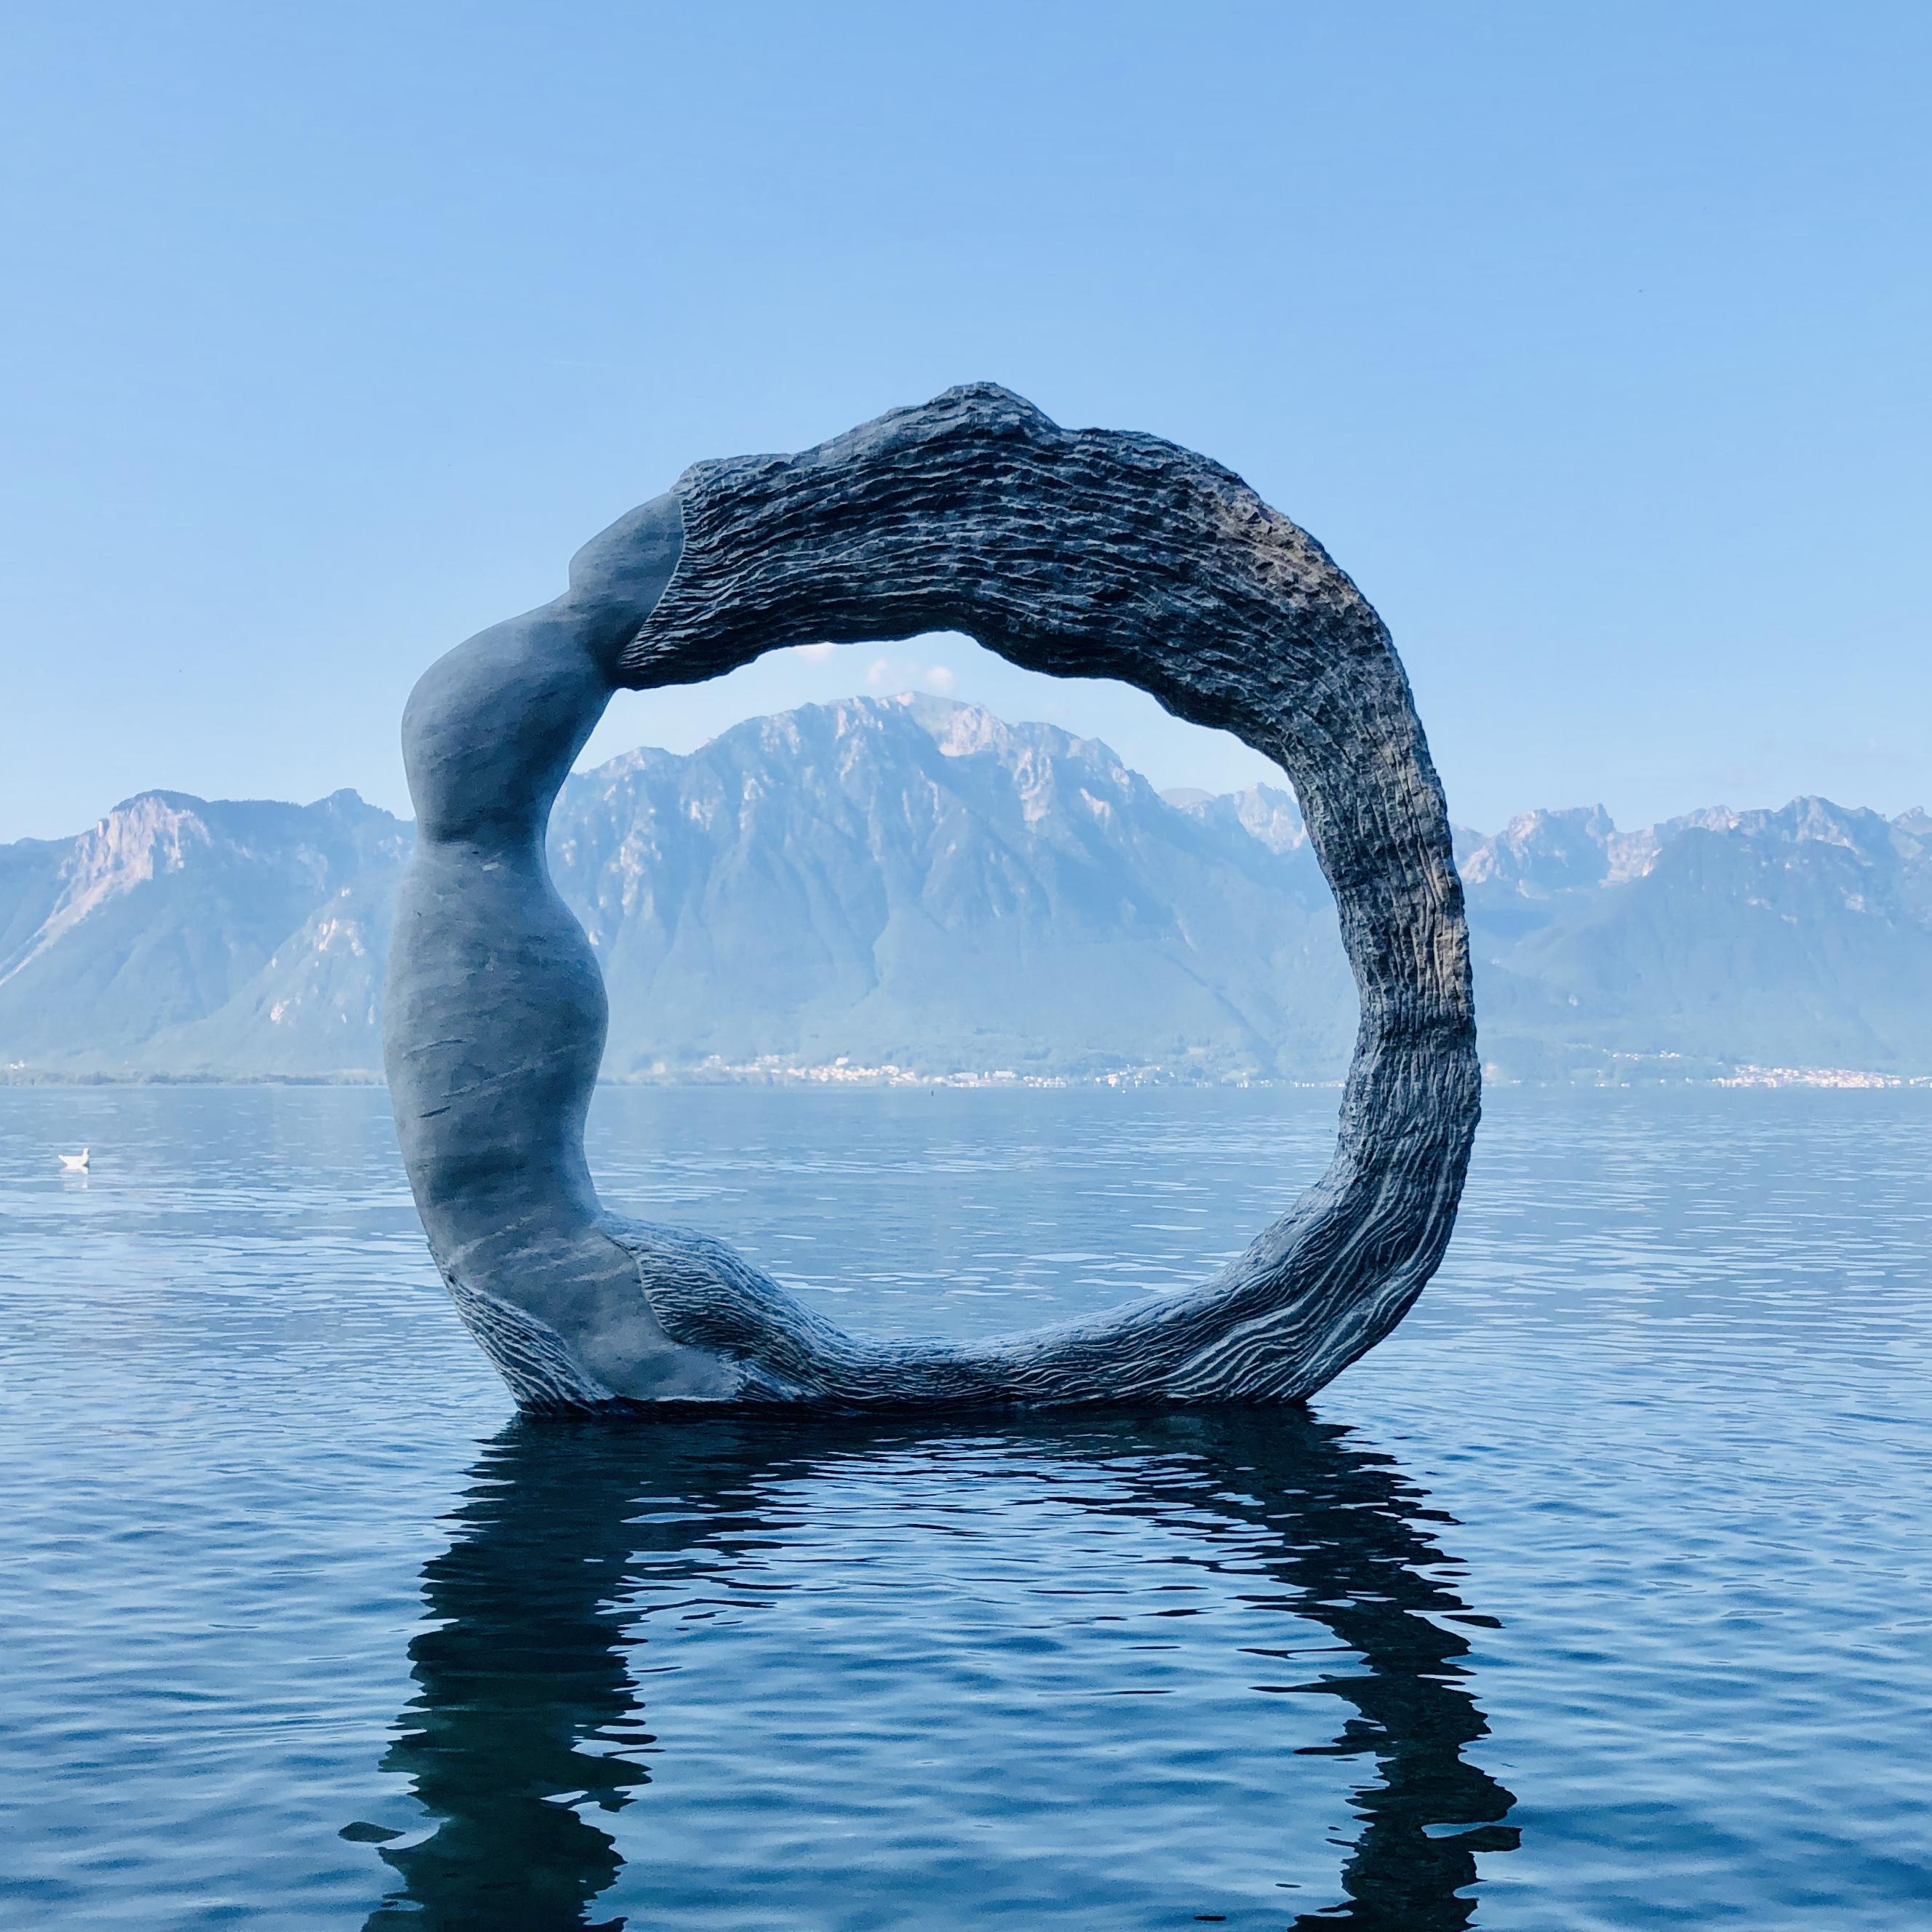 La Vague, Lake Geneva